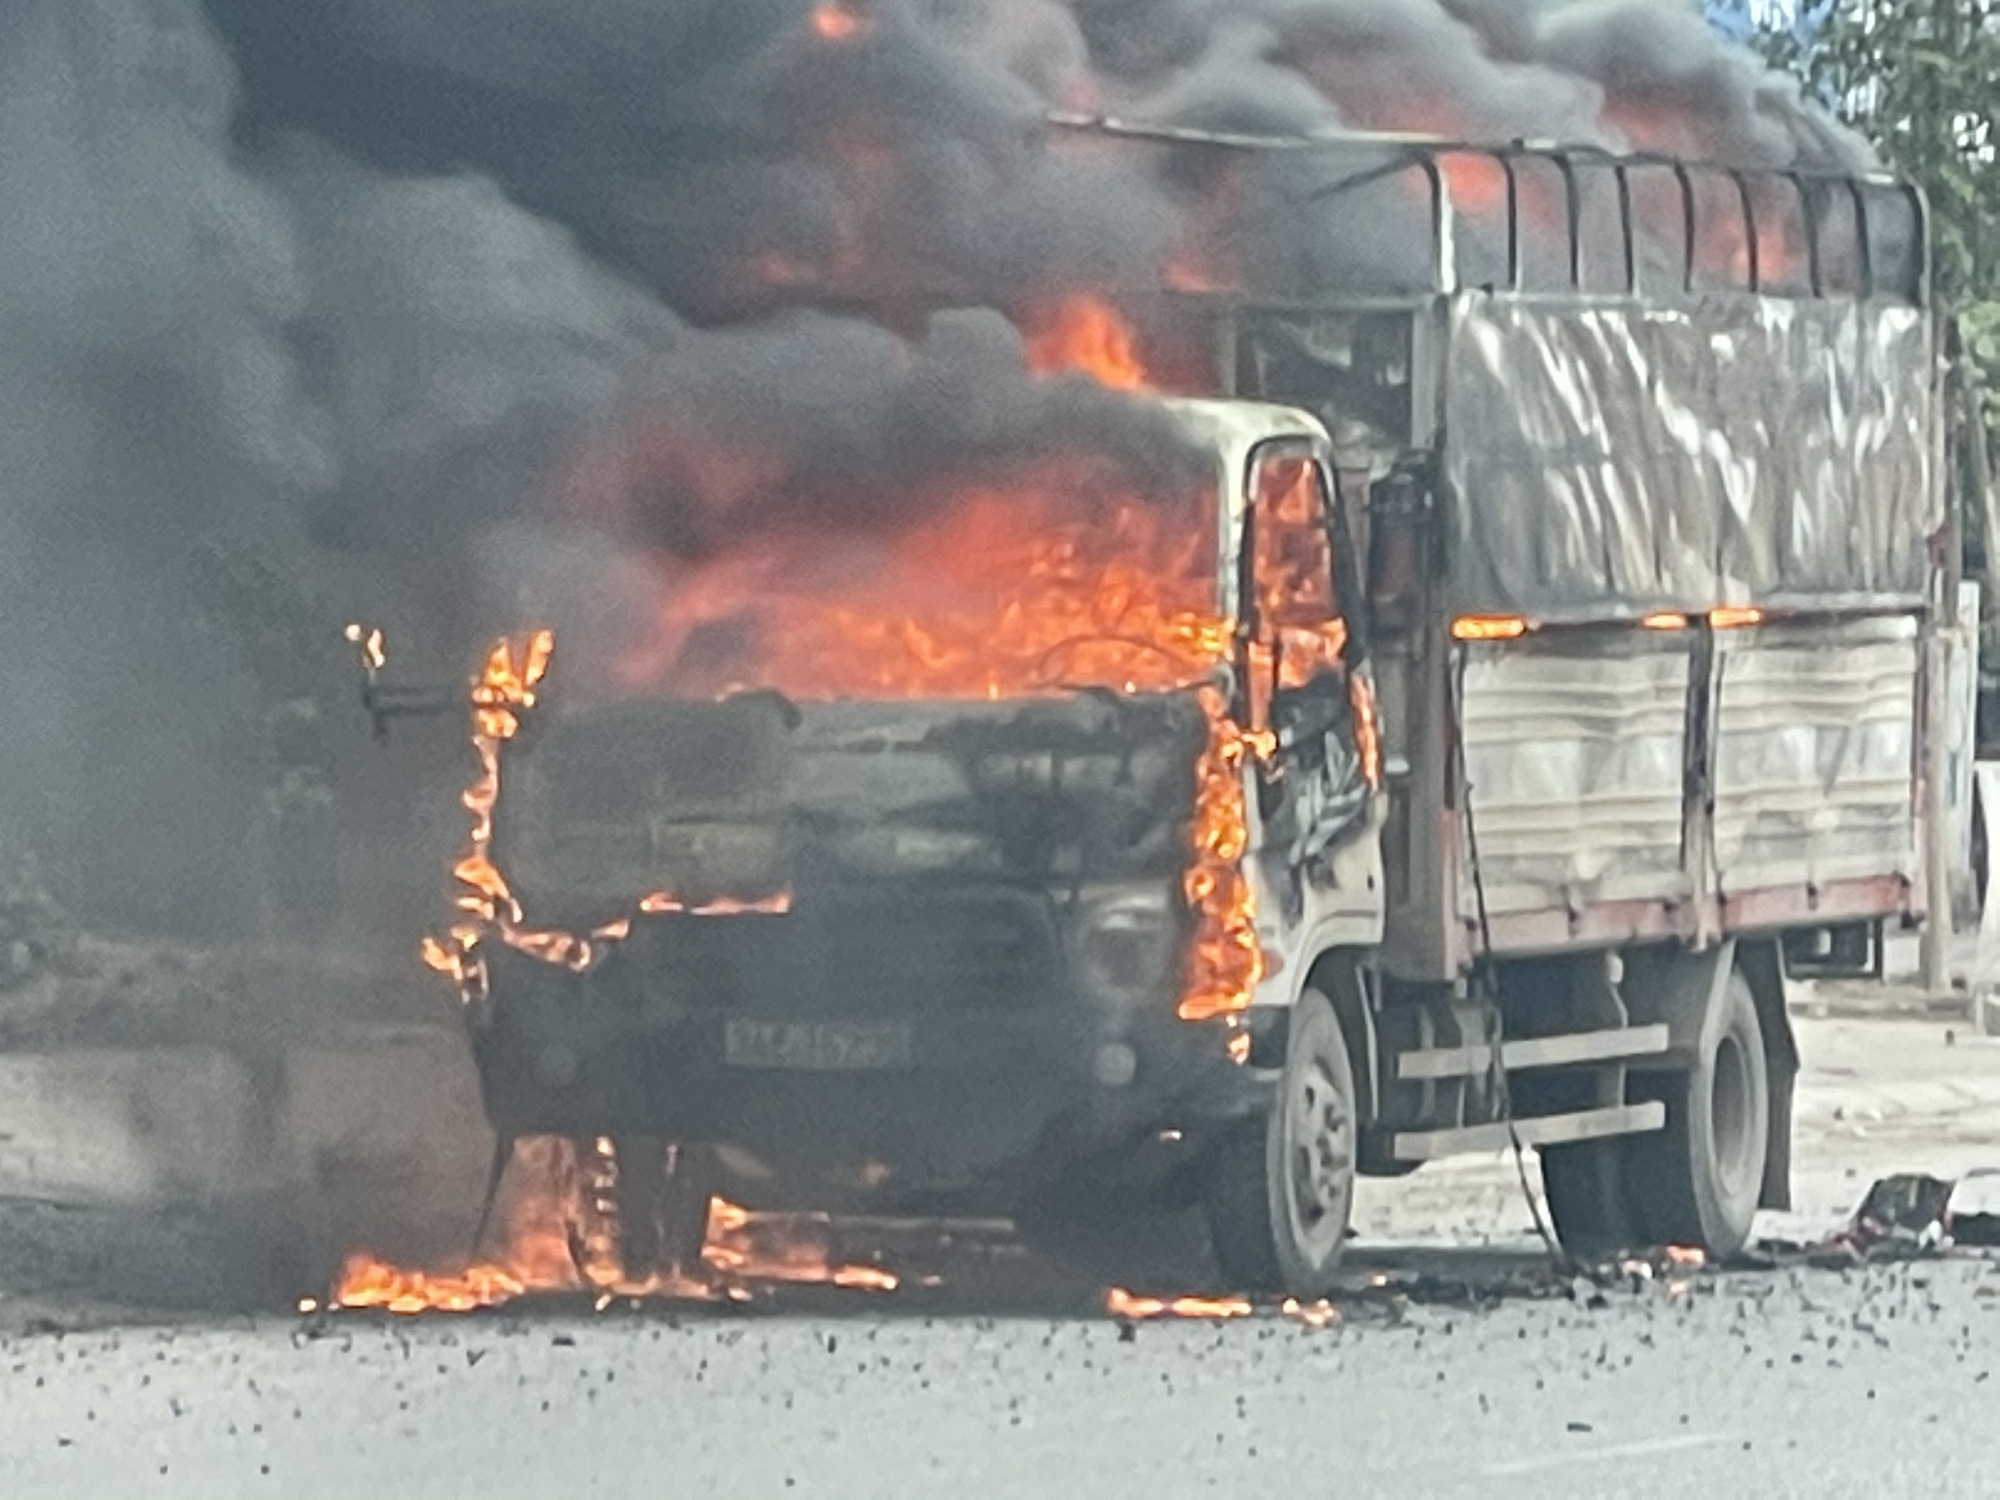 Chiếc xe đang chạy trên đường bỗng nhiên bốc cháy ngùn ngụt.